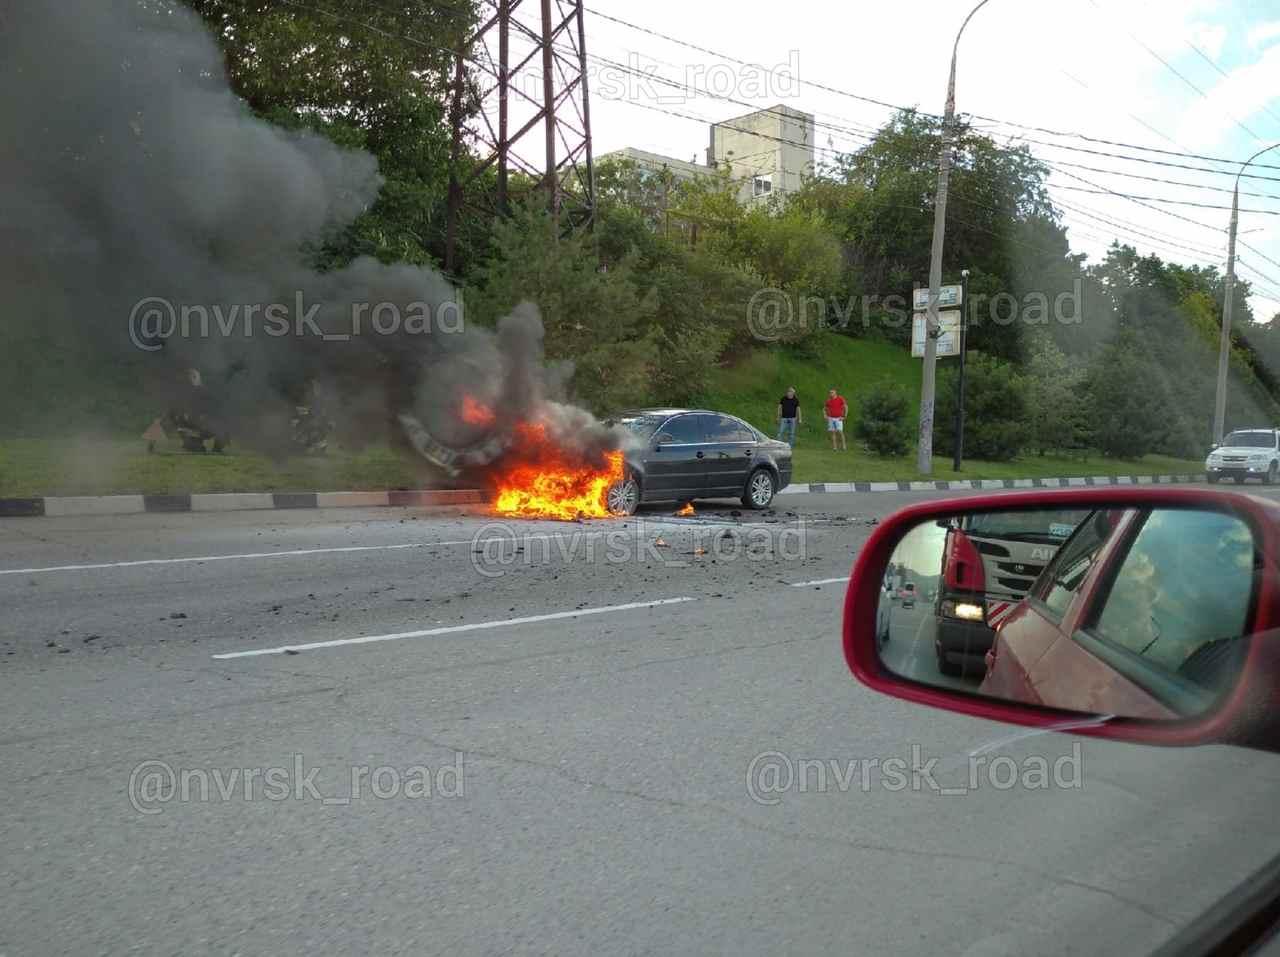 В Новороссийске средь бела дня загорелся автомобиль